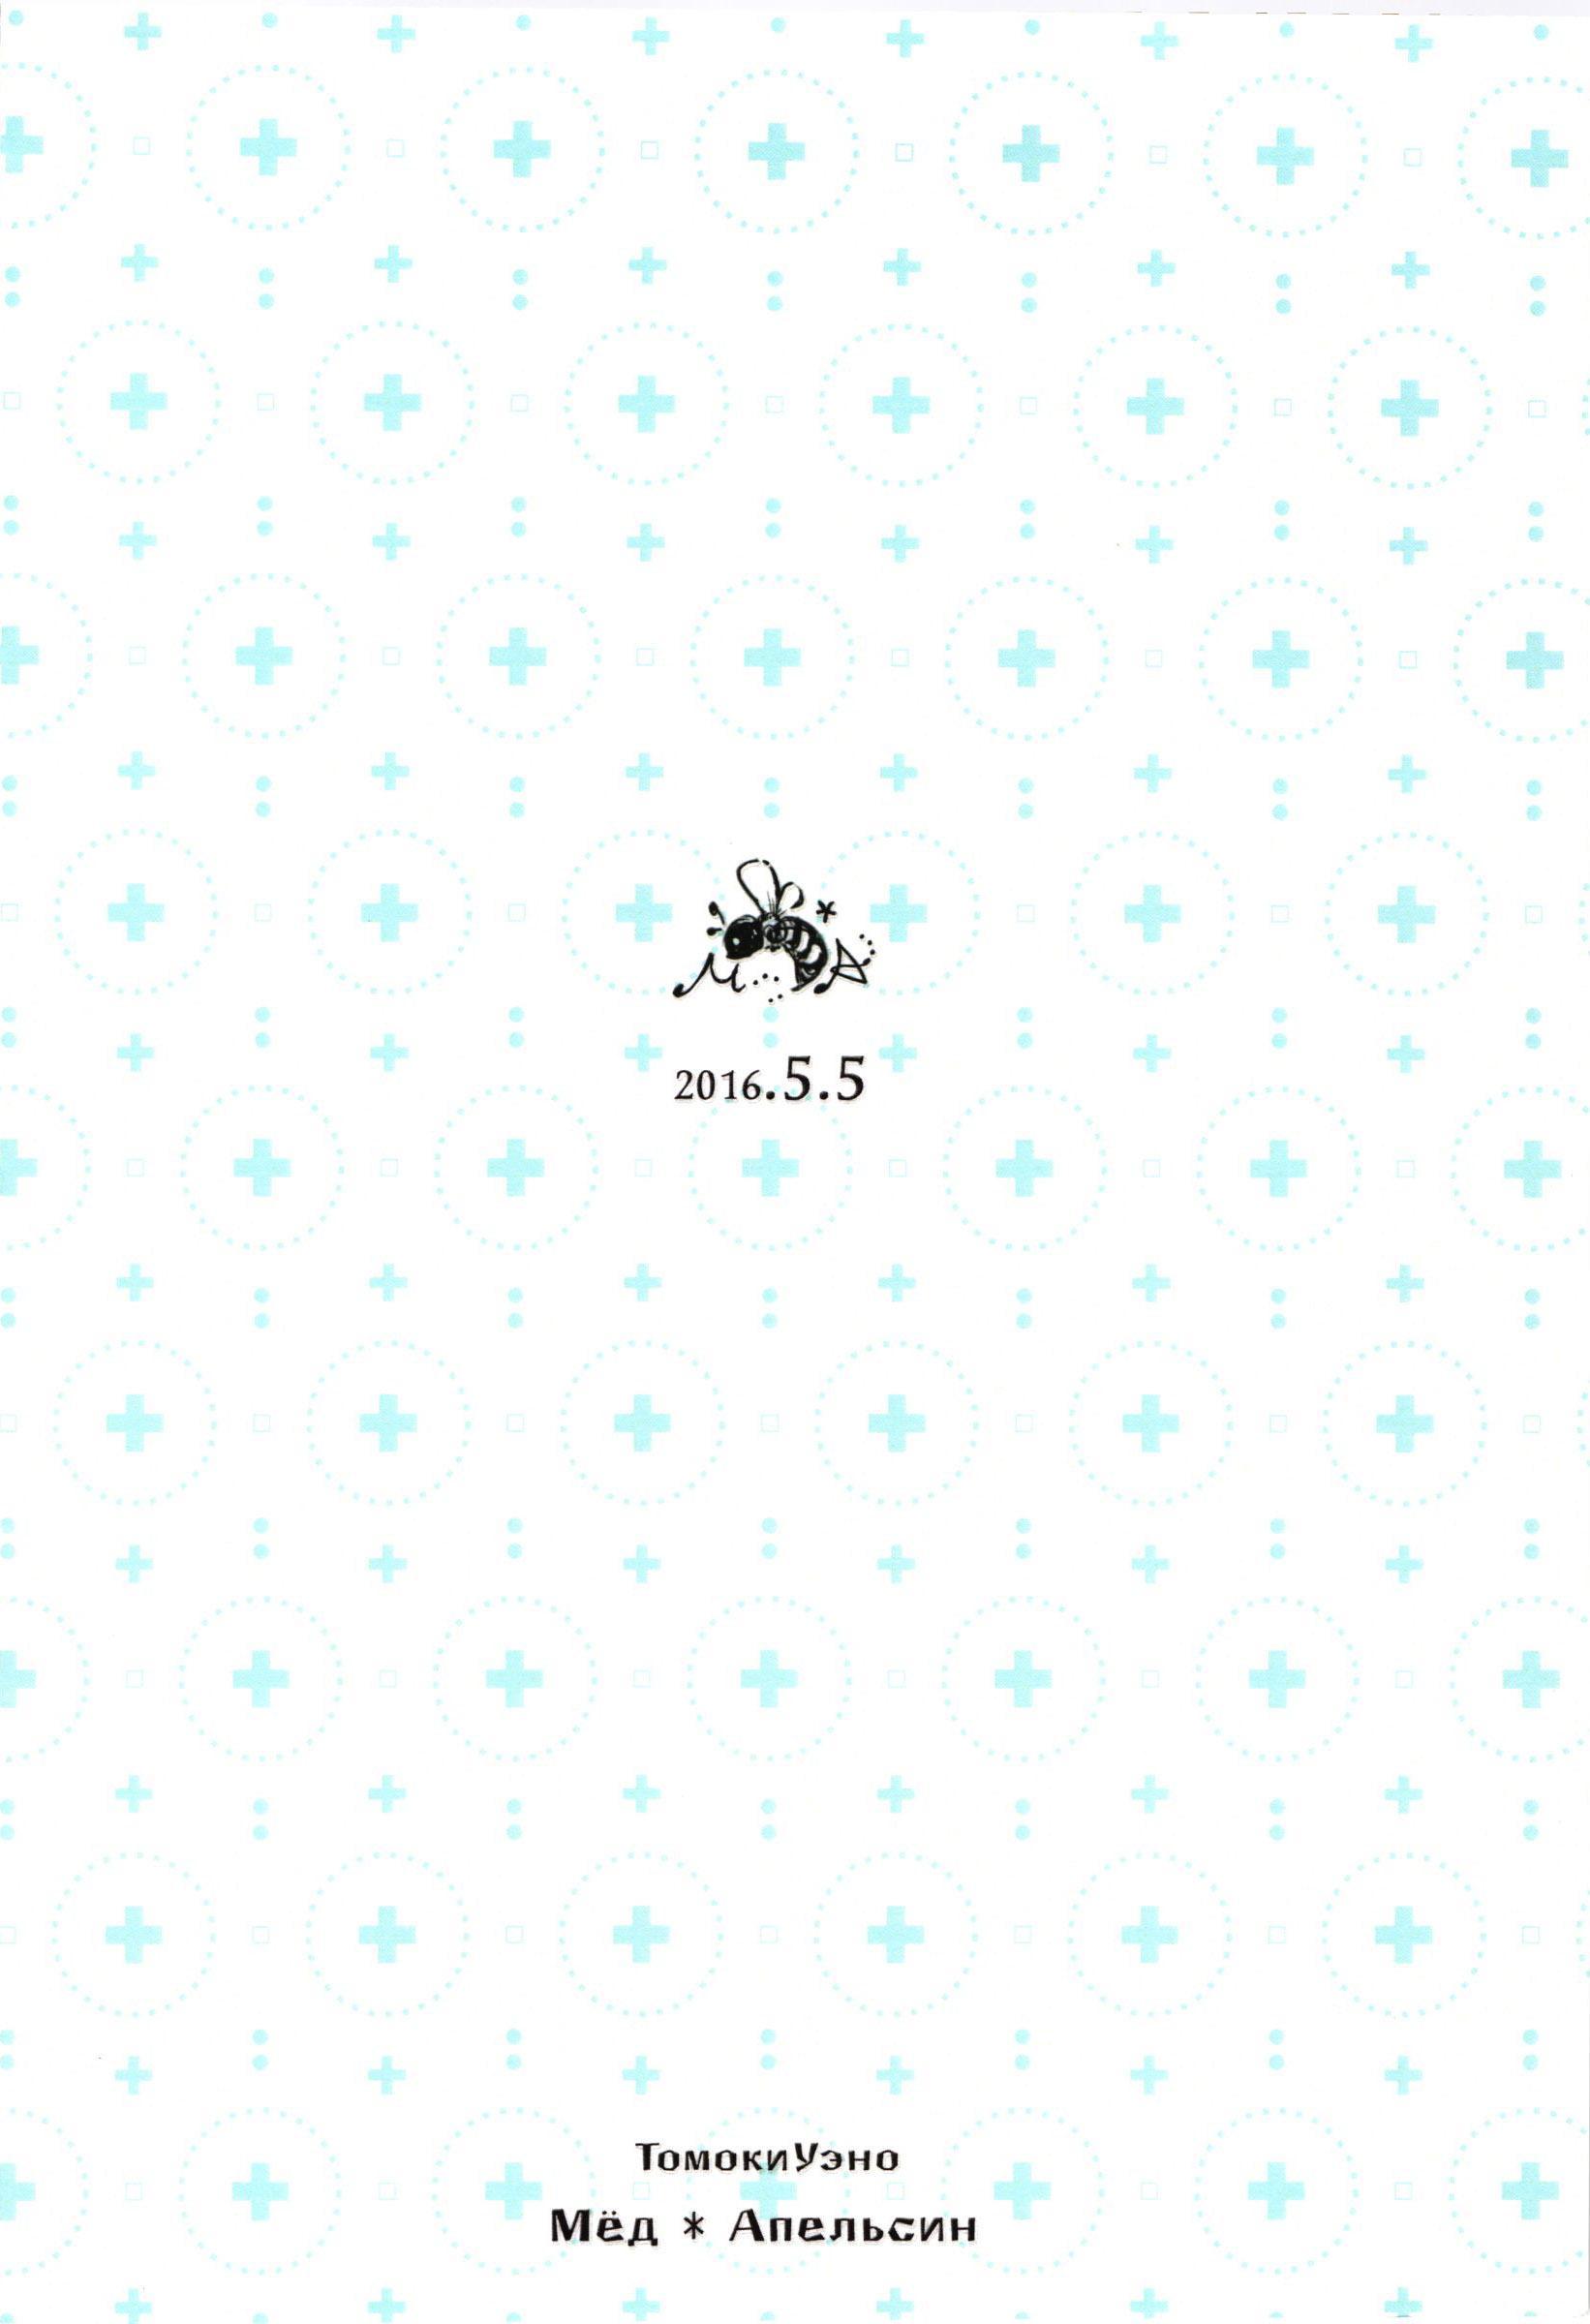 Umibe no Machi Shouni Byoutou Tokubetsushitsu 2-gou 25